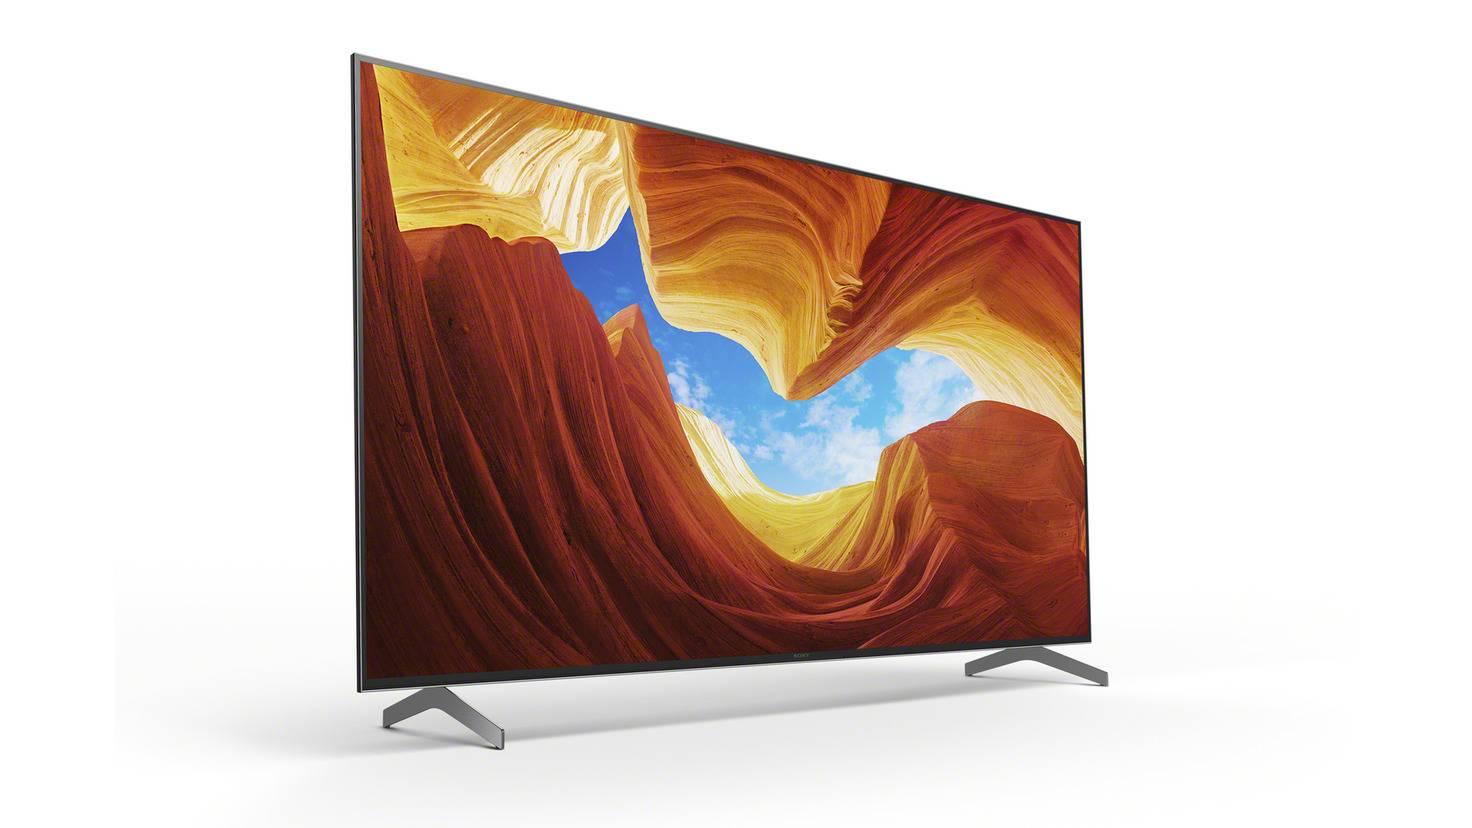 conception de télévision sony xh90 tv